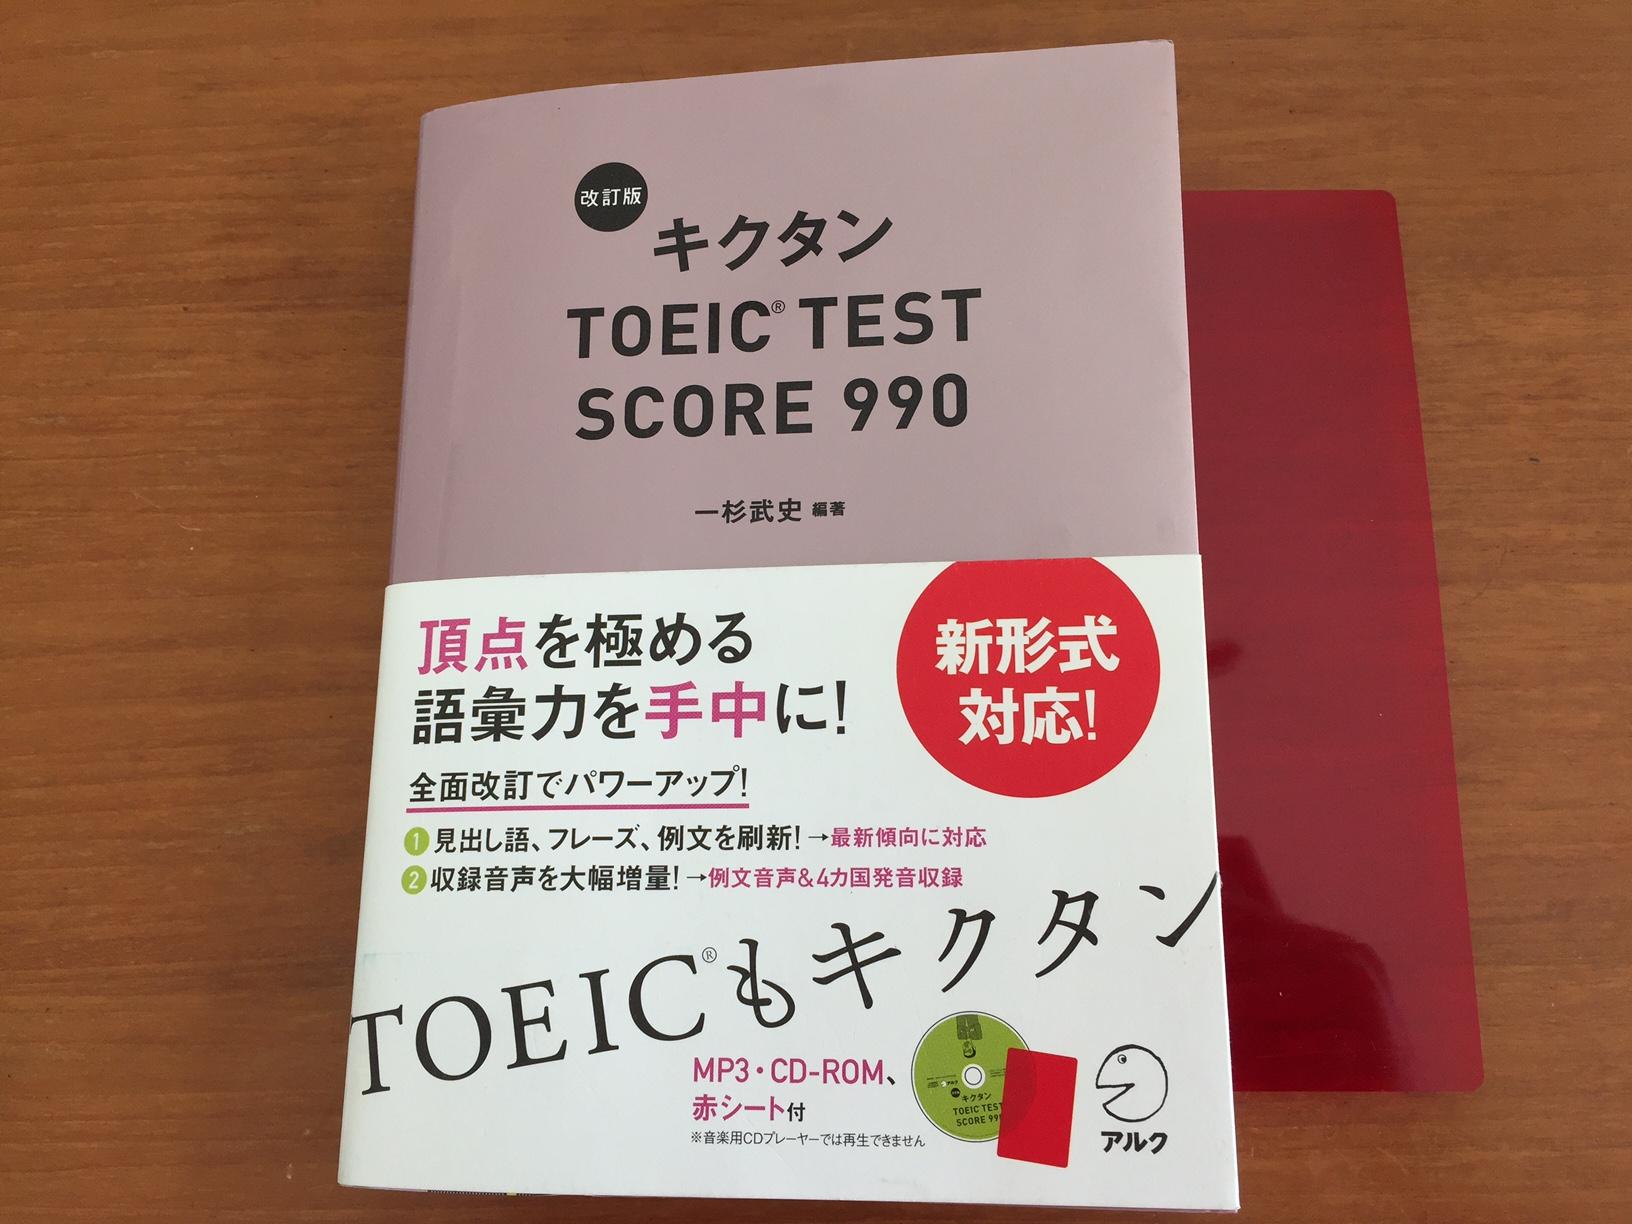 「改訂版 キクタン TOEIC TEST SCORE 990」の感想・レビュー ③